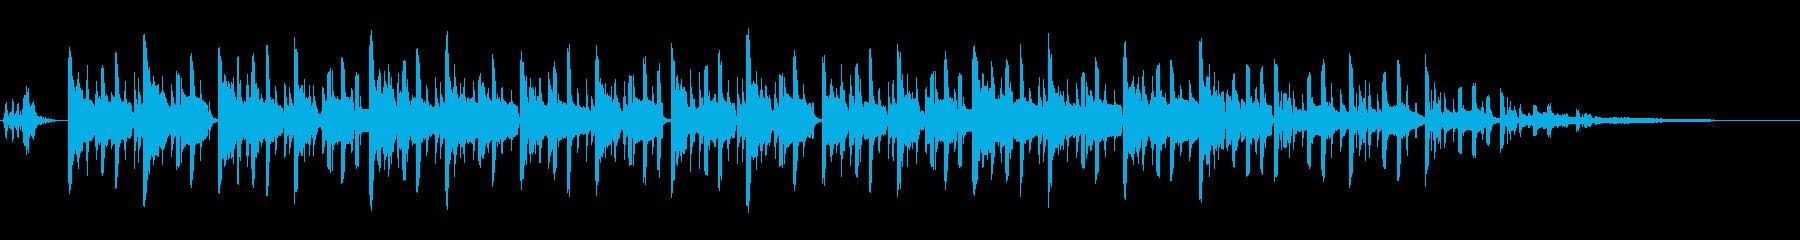 和風モダンなBGMの再生済みの波形